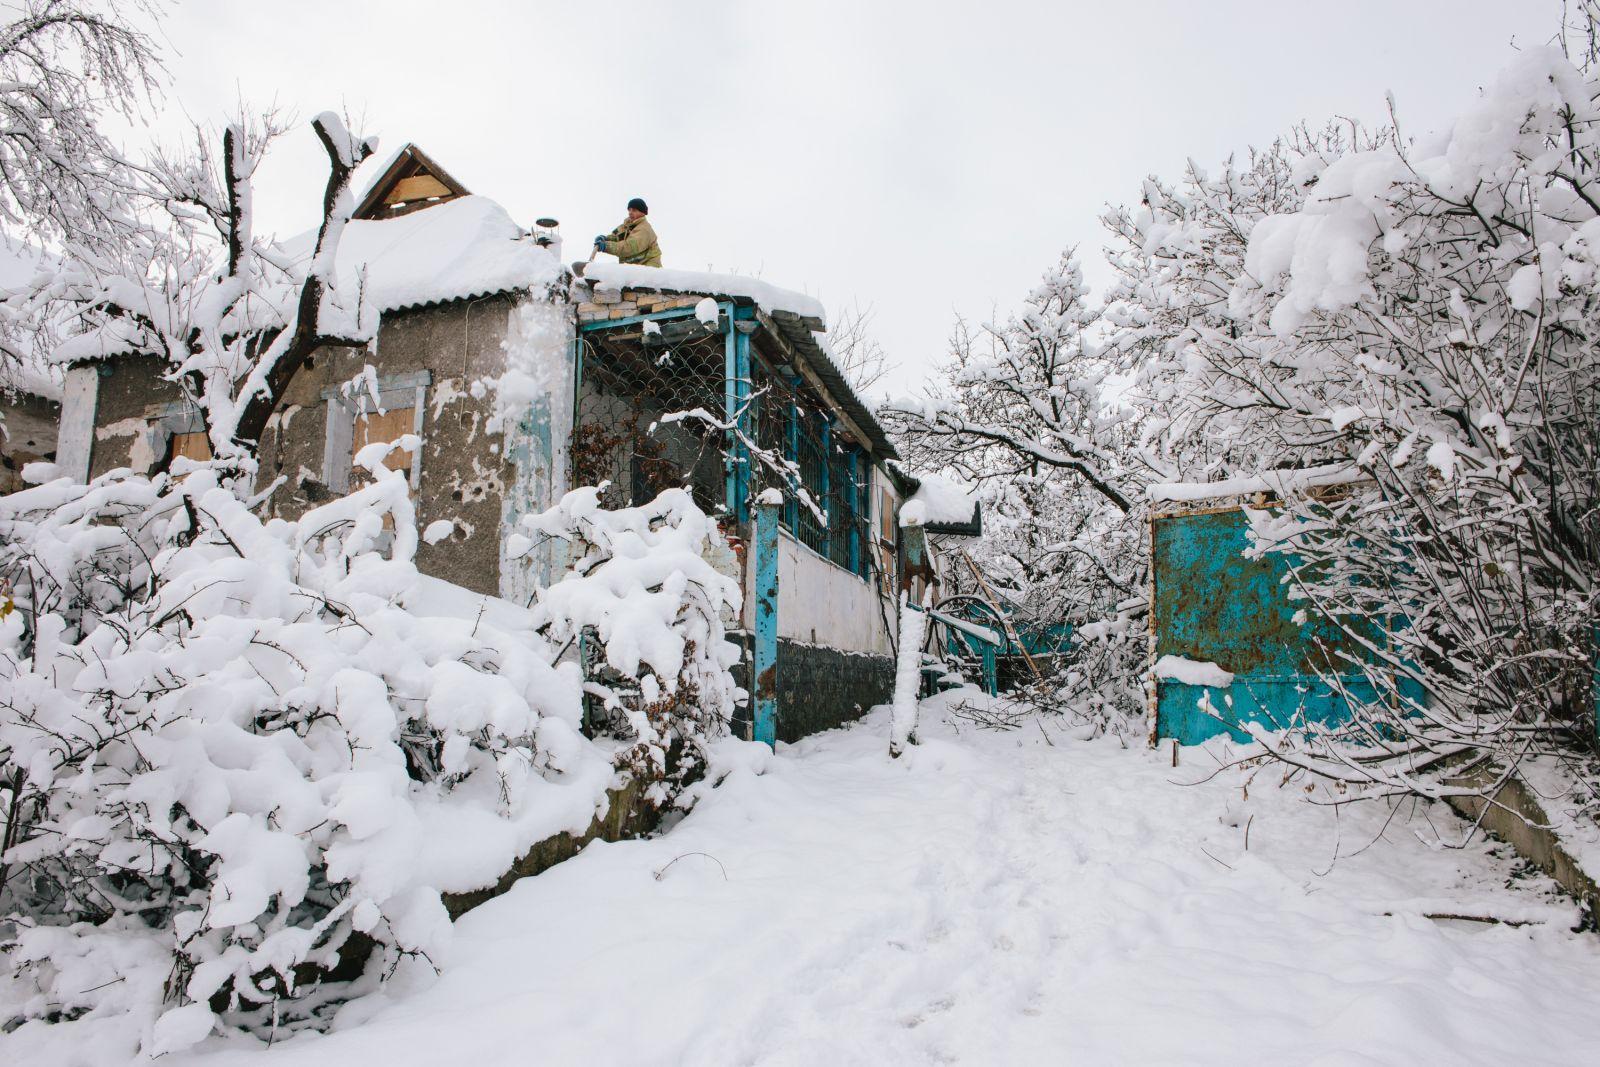 Бригады ГСЧС ремонтируют крыши и в тех домах, где сейчас никто не живёт